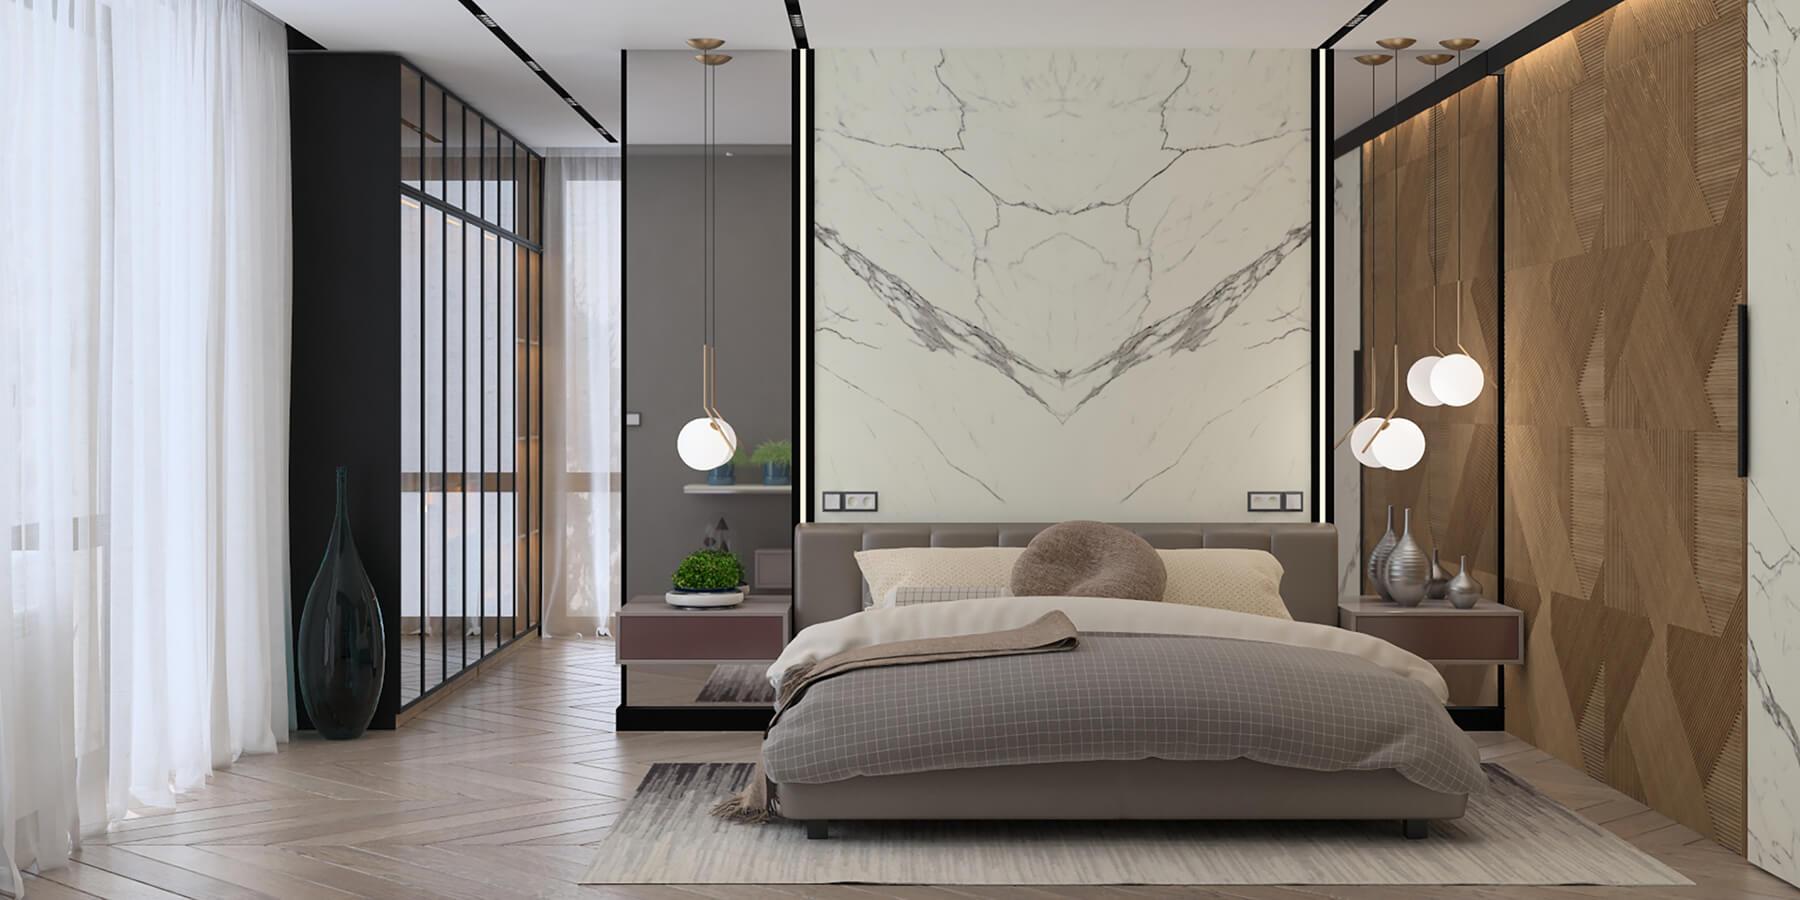 interioren-dizain-proek-rosebud-esteta-design-studio